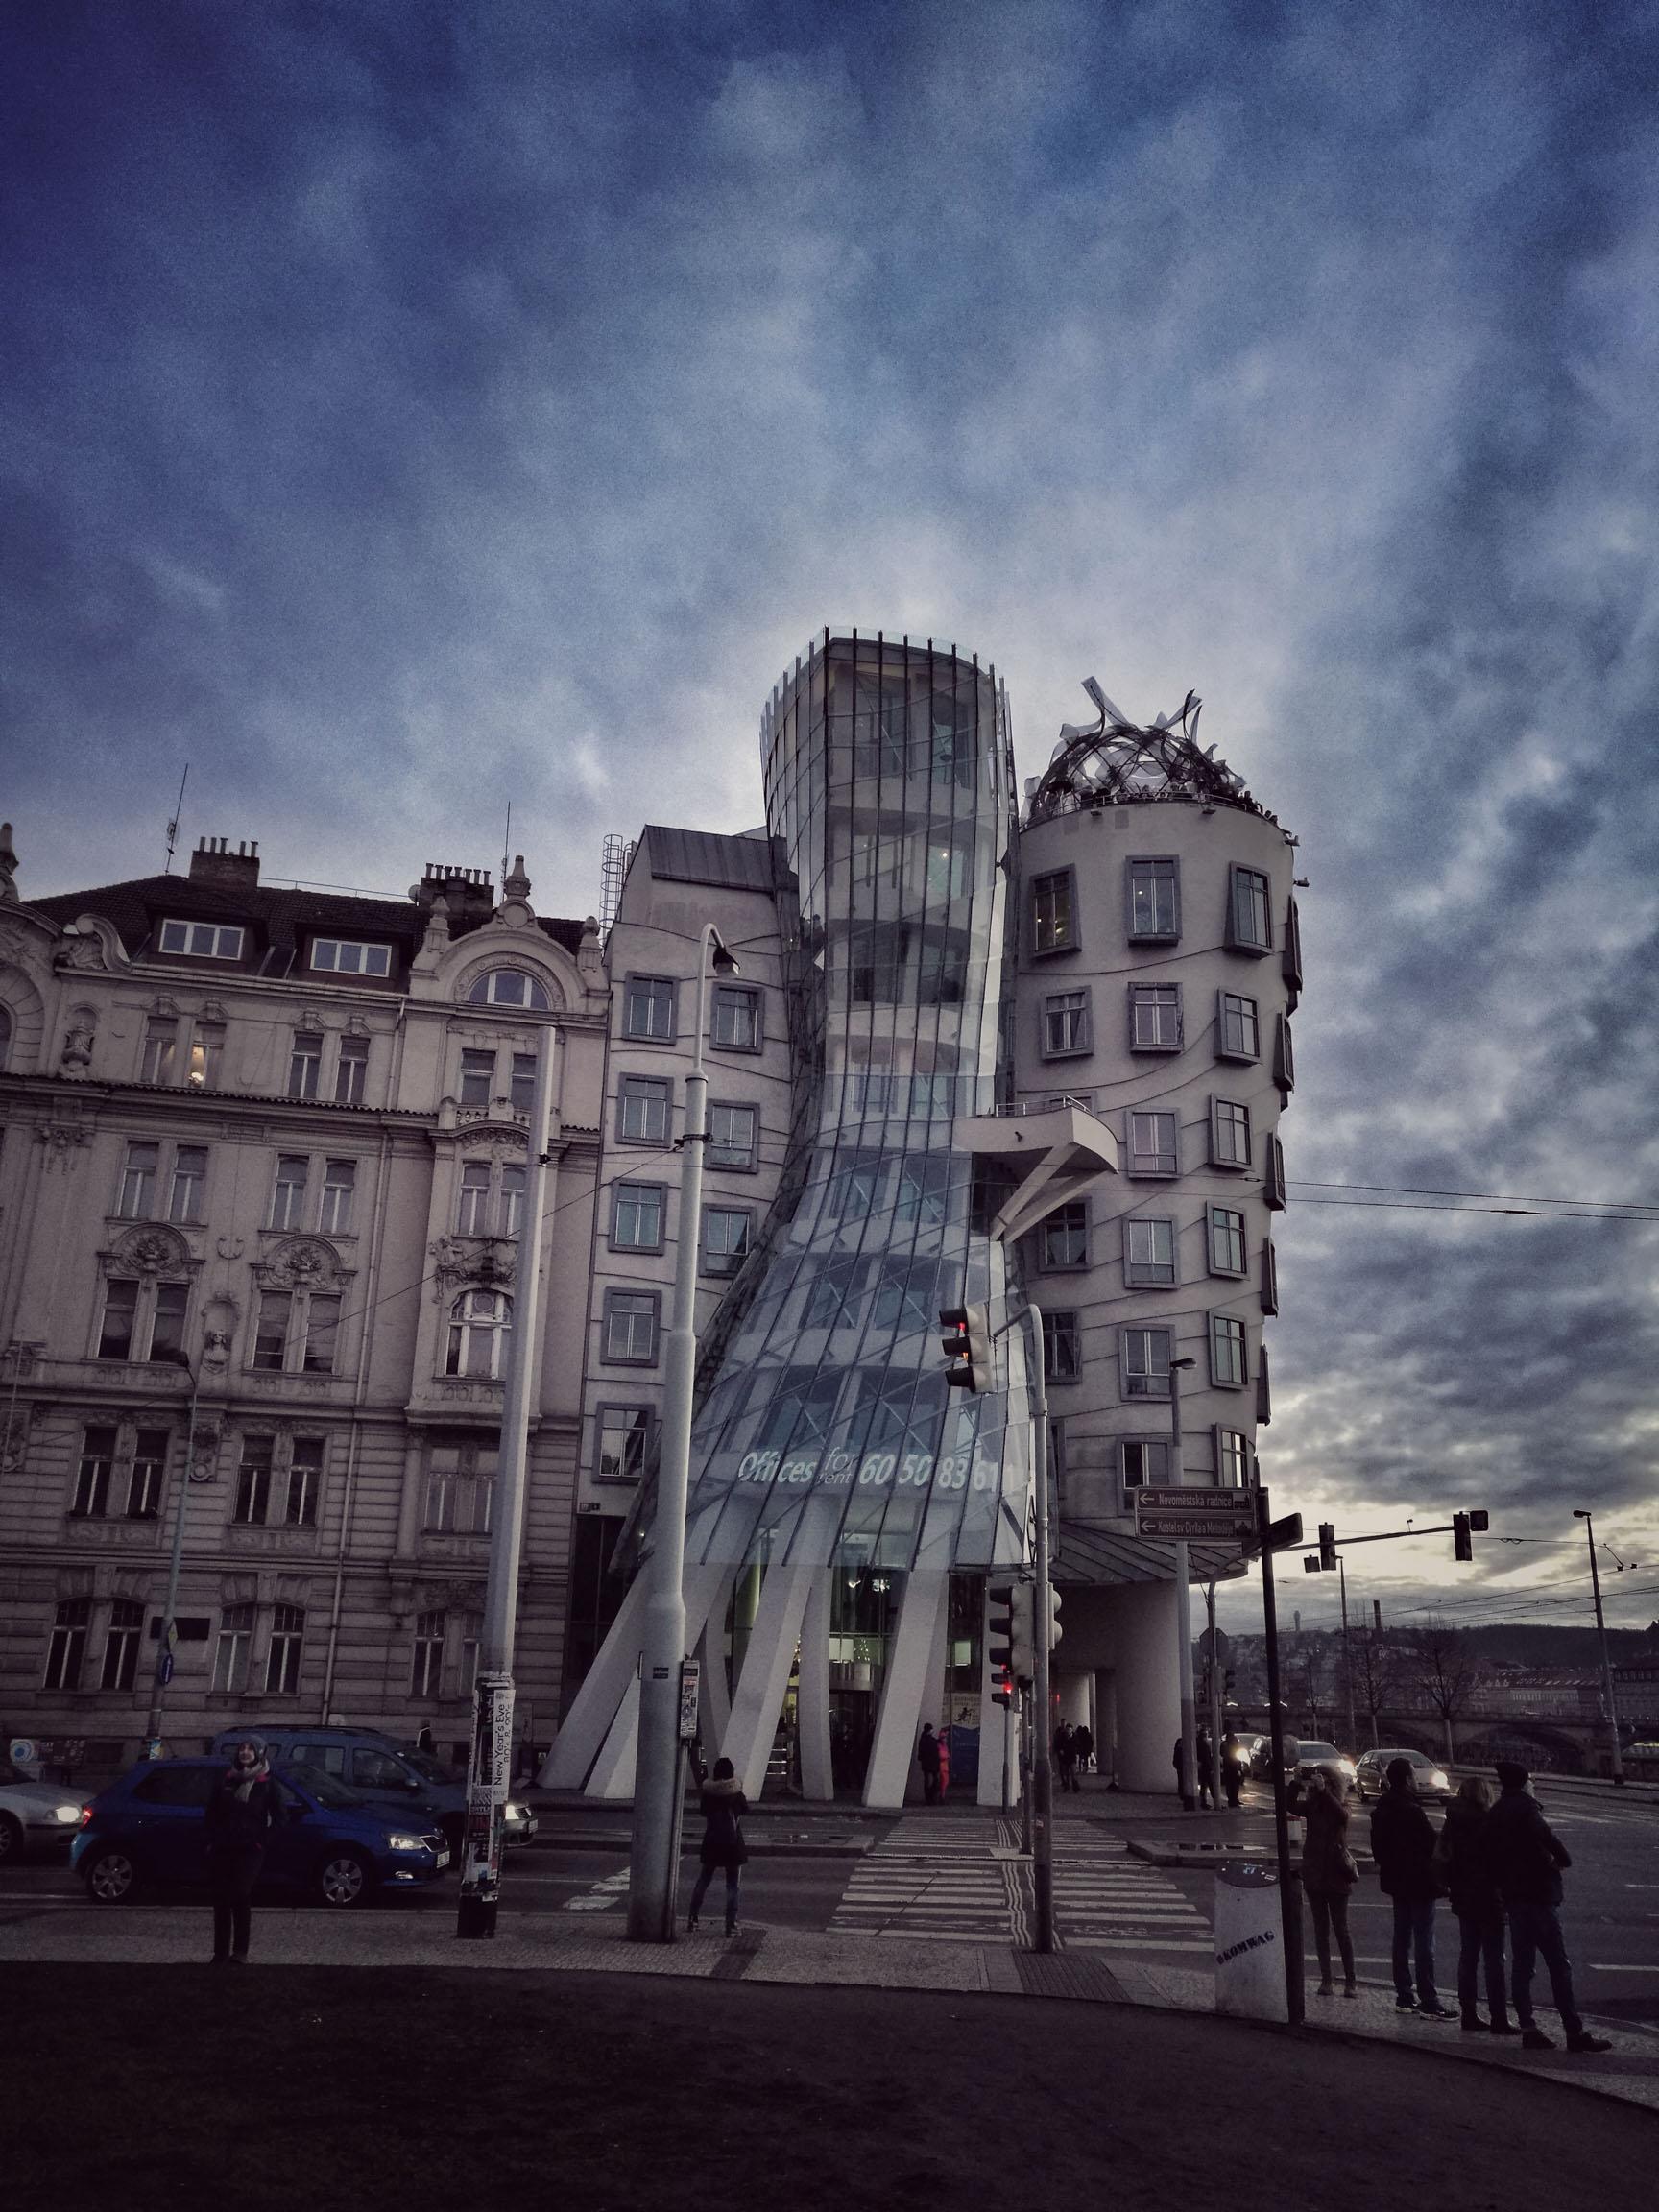 Blossom zine Praga in 4 giorni La casa danzante, Dancing House